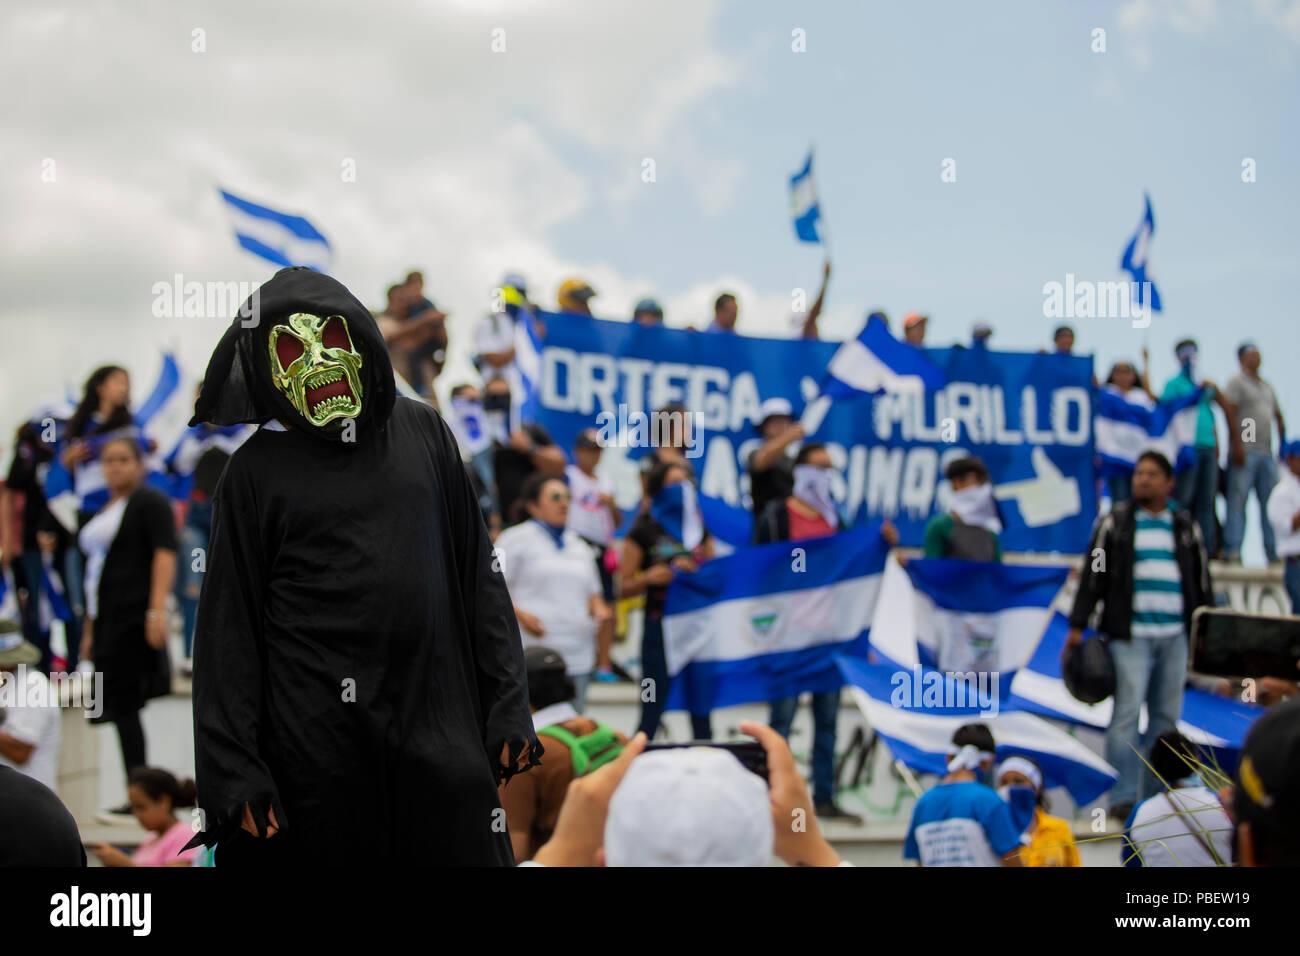 Managua, Nicaragua. 28 de julio 2018 Cientos de ciudadanos marcharon este sábado en respaldo a obispos y sacerdotes de Nicaragua. Credit: Antonio Ramírez/Alamy Live News - Stock Image